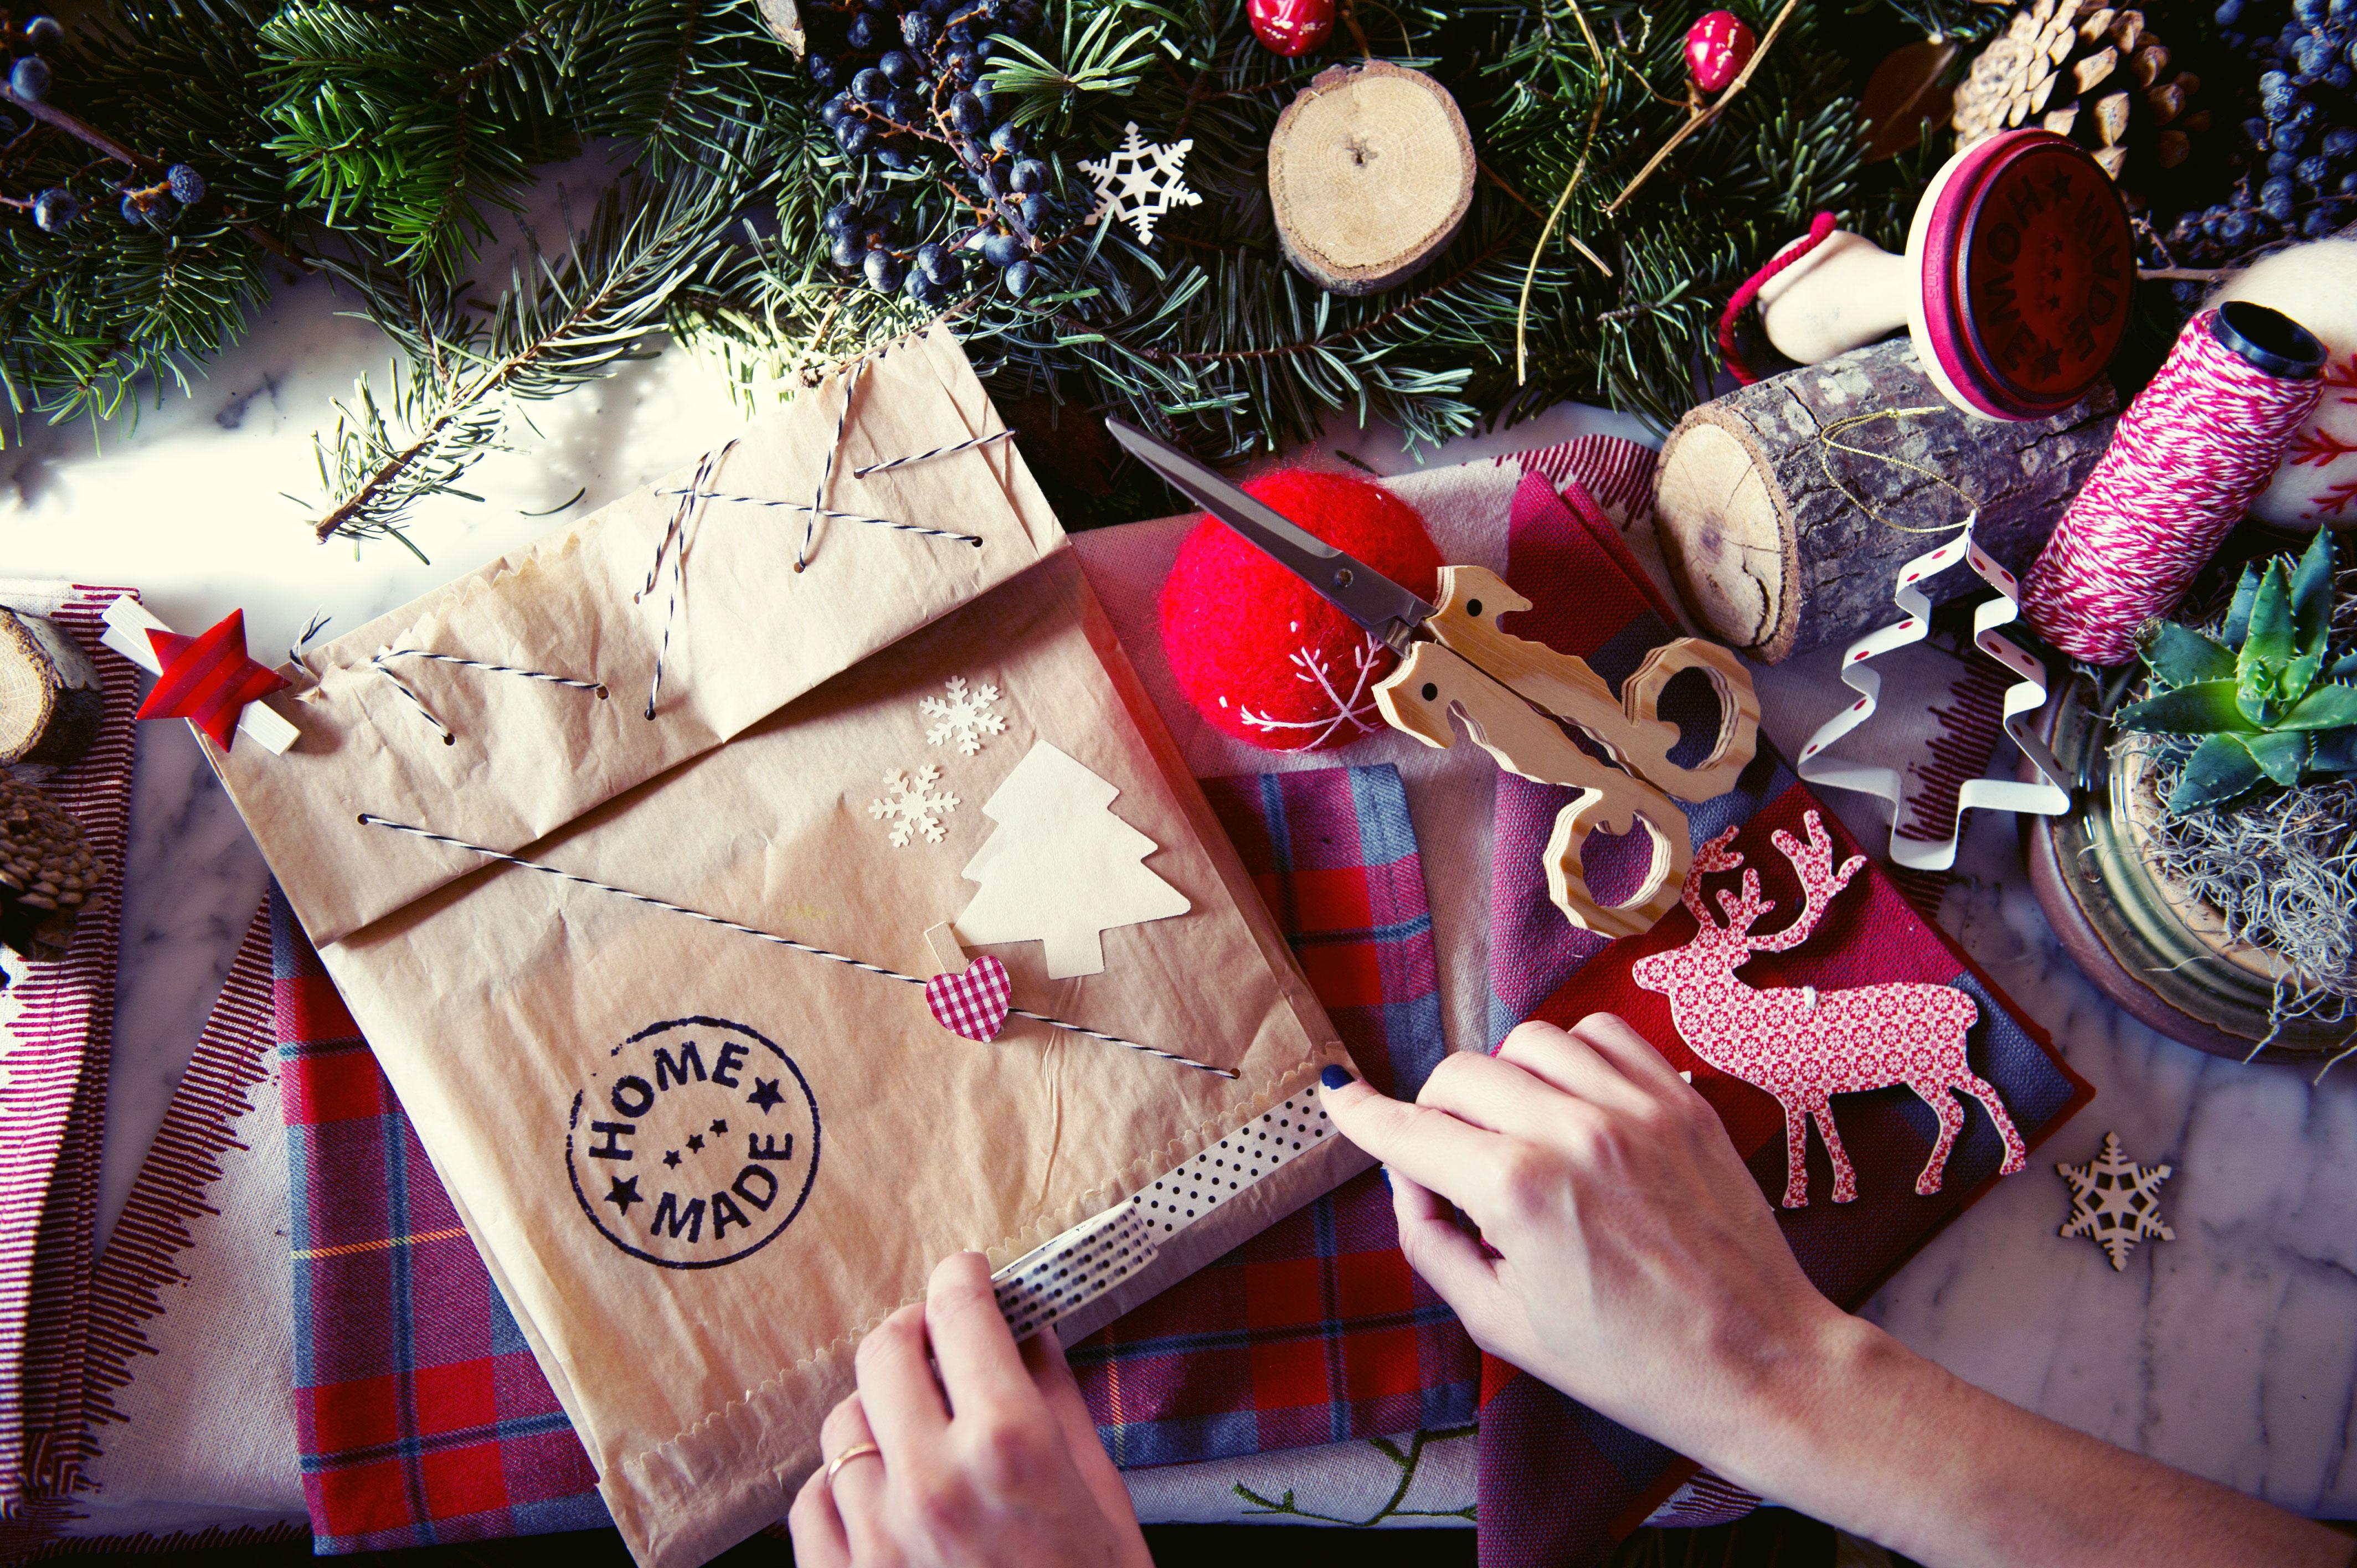 offnegiysem, yeni yıl, vesaire,arzu kaprol, acer, acer iconia, hediye, michael kors, sunumonemlidir, the house hotel